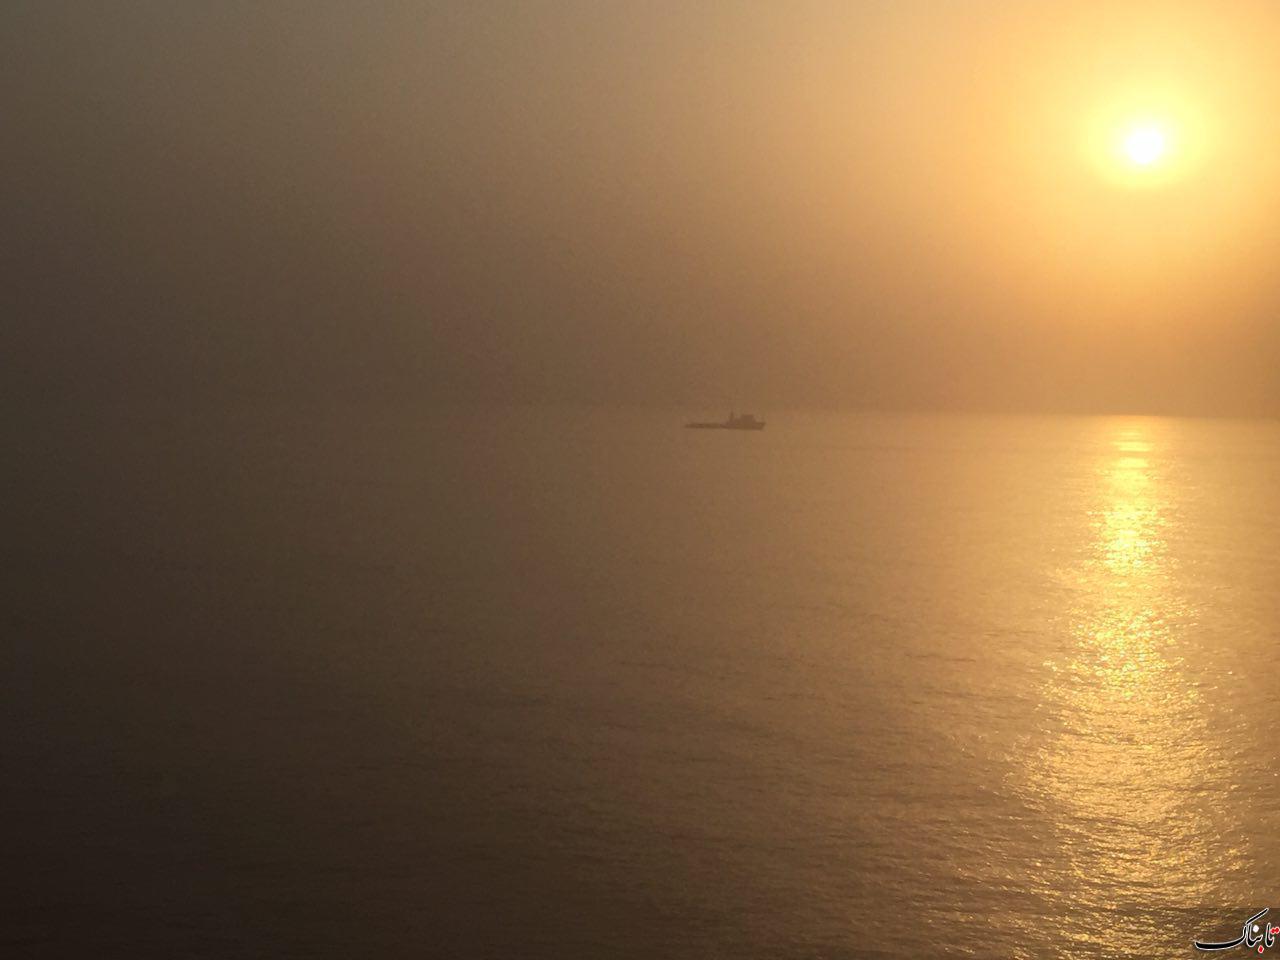 طلوع خورشيد، خليج فارس، منطقه پارس جنوبي